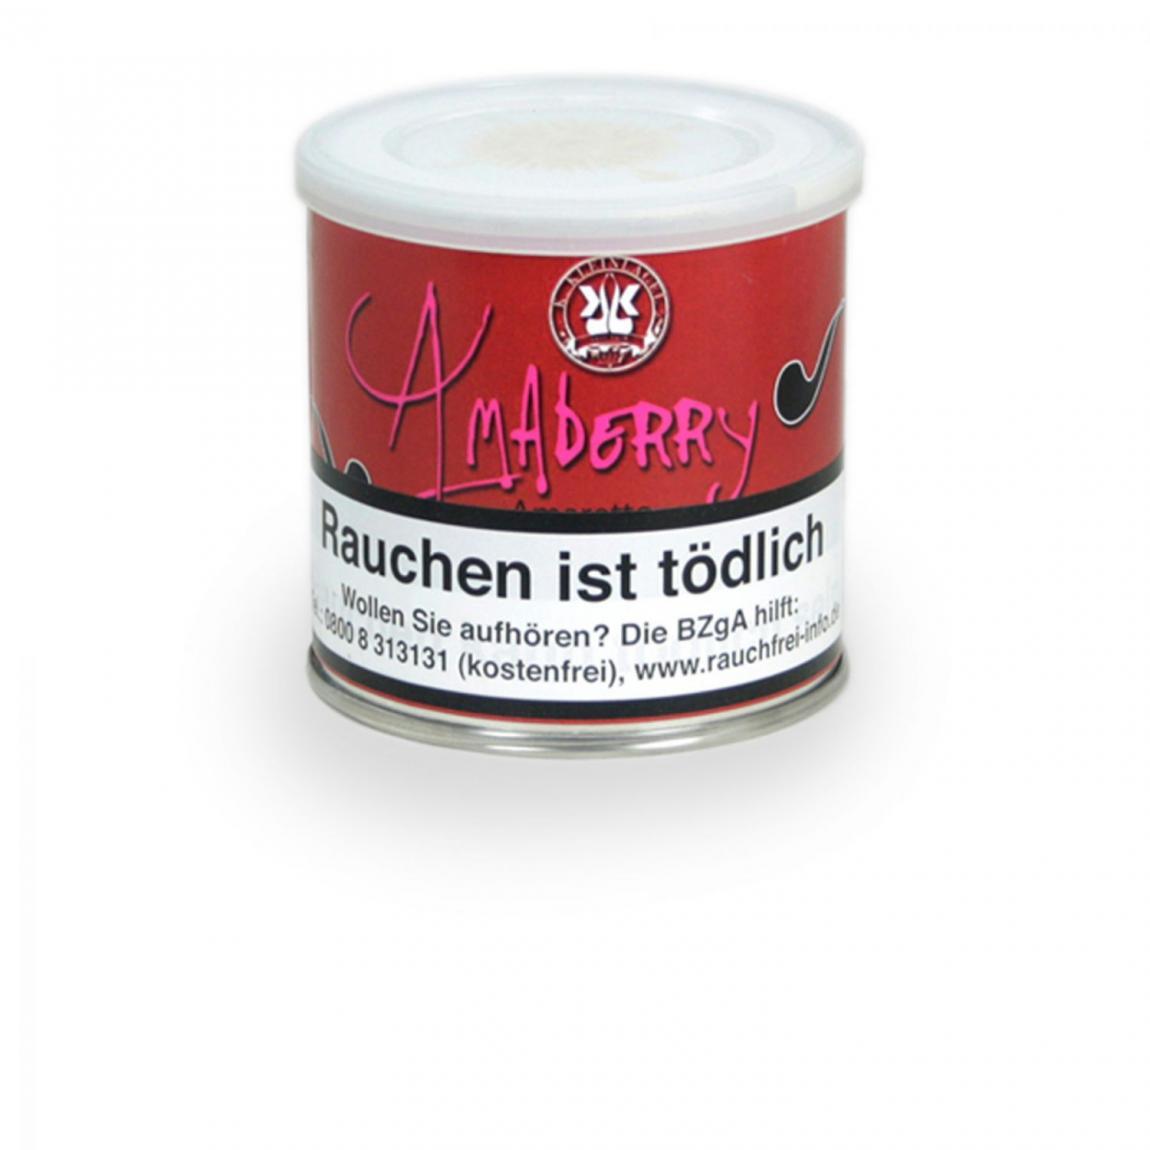 Kleinlagel »Amaberry« Amaretto, Waldbeere & Frucht 50g Dose